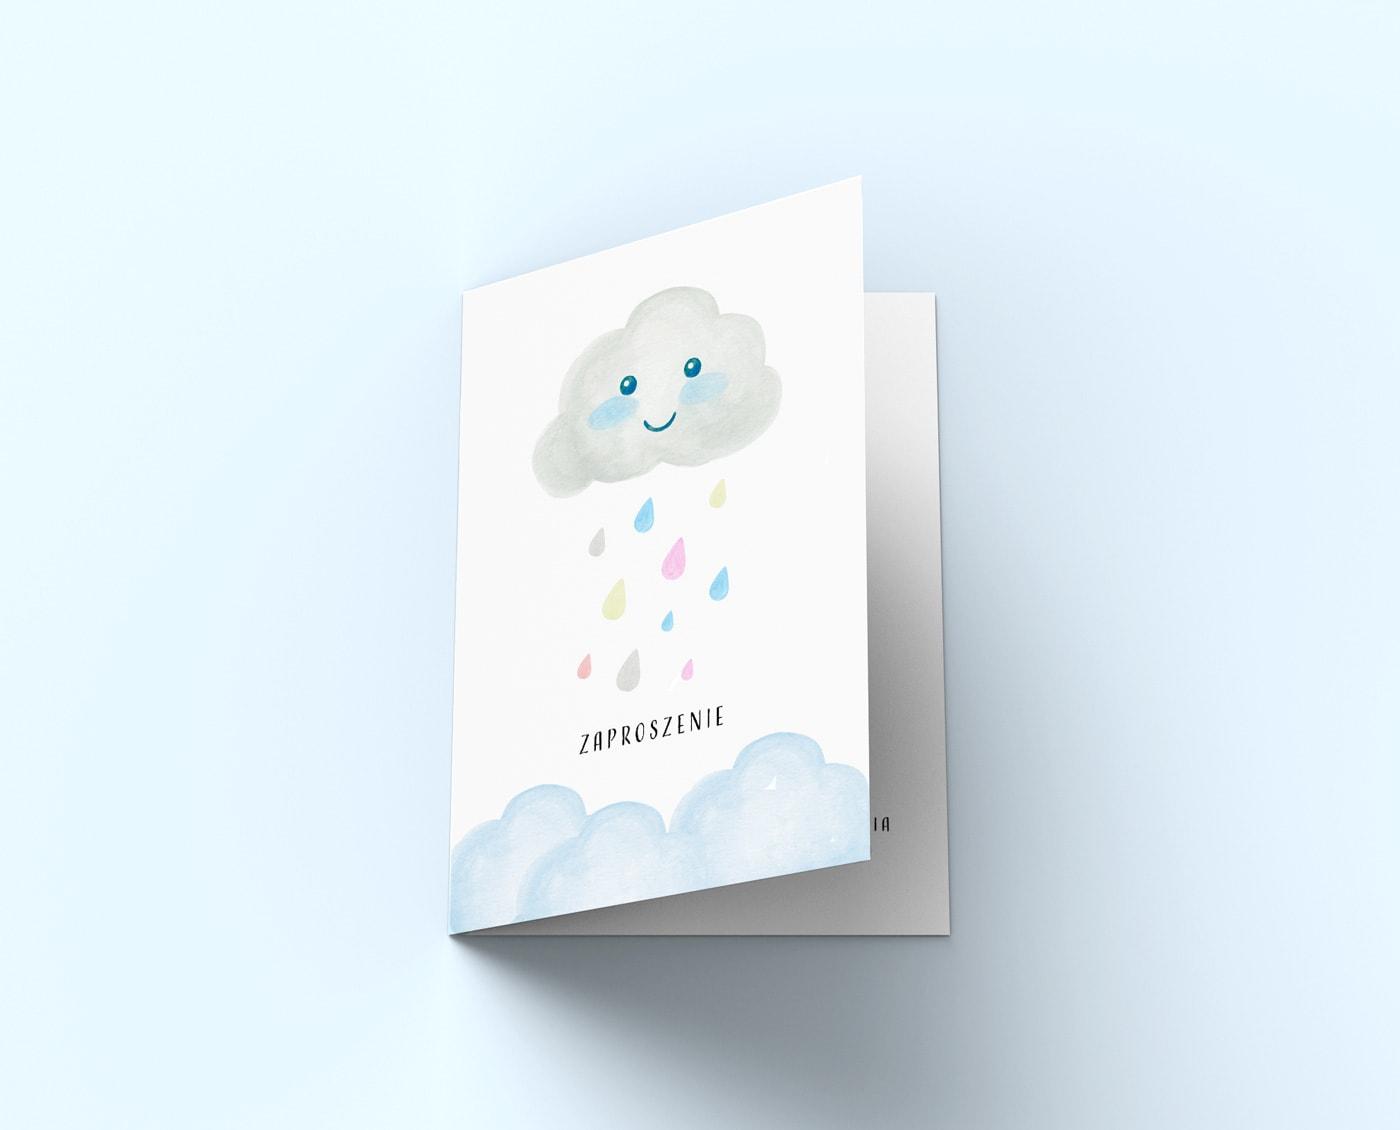 Zaproszenia z akwarelową chmurką i kroplami deszczu